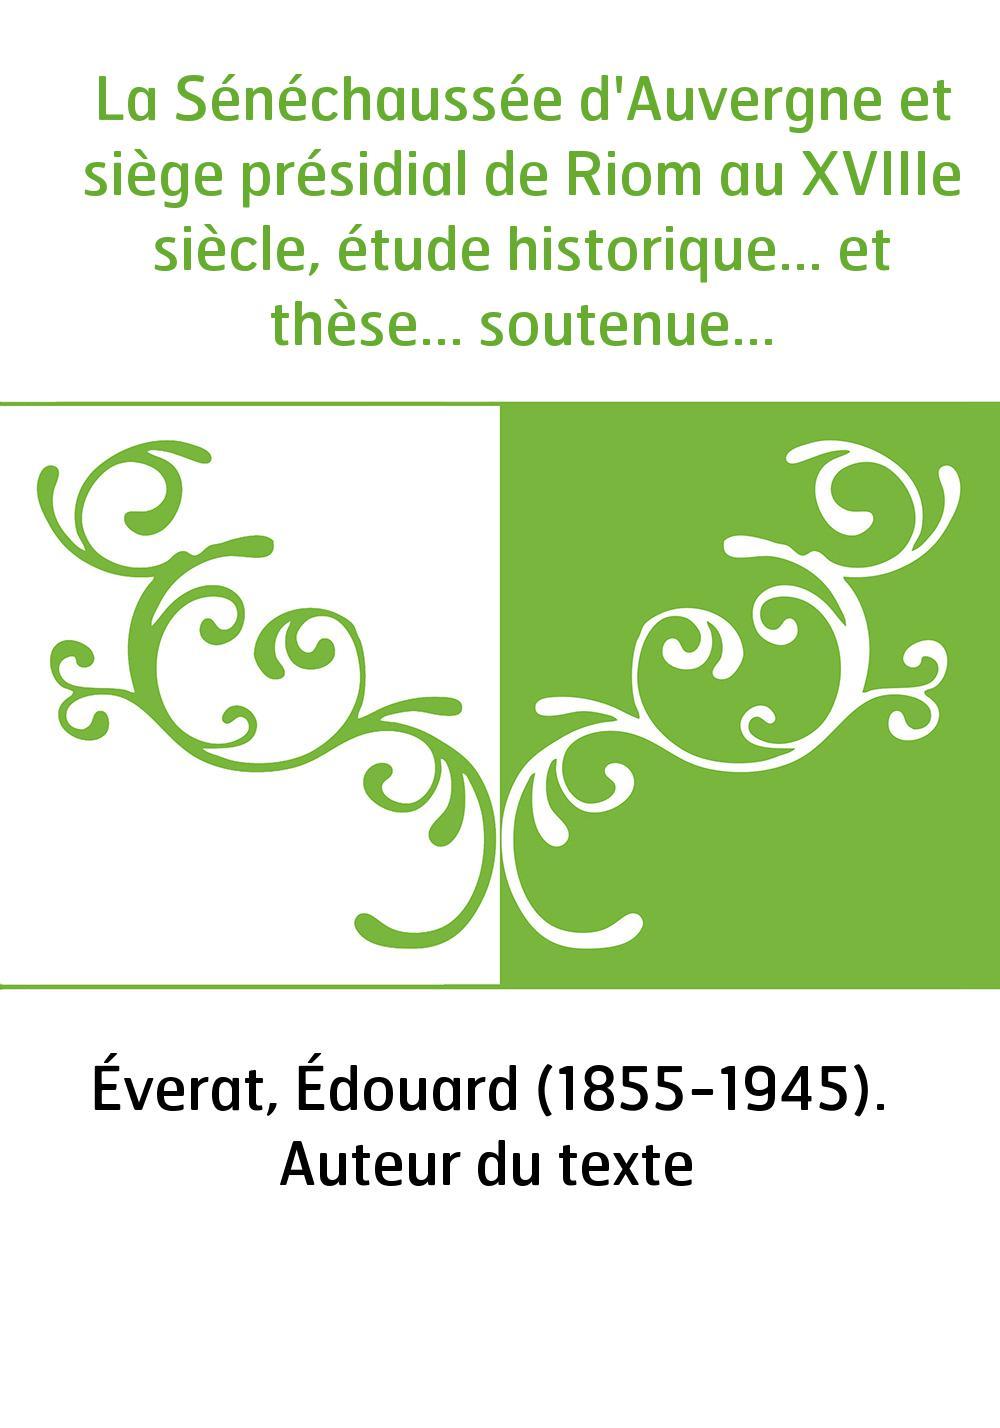 La Sénéchaussée d'Auvergne et siège présidial de Riom au XVIIIe siècle, étude historique... et thèse... soutenue devant la Facul